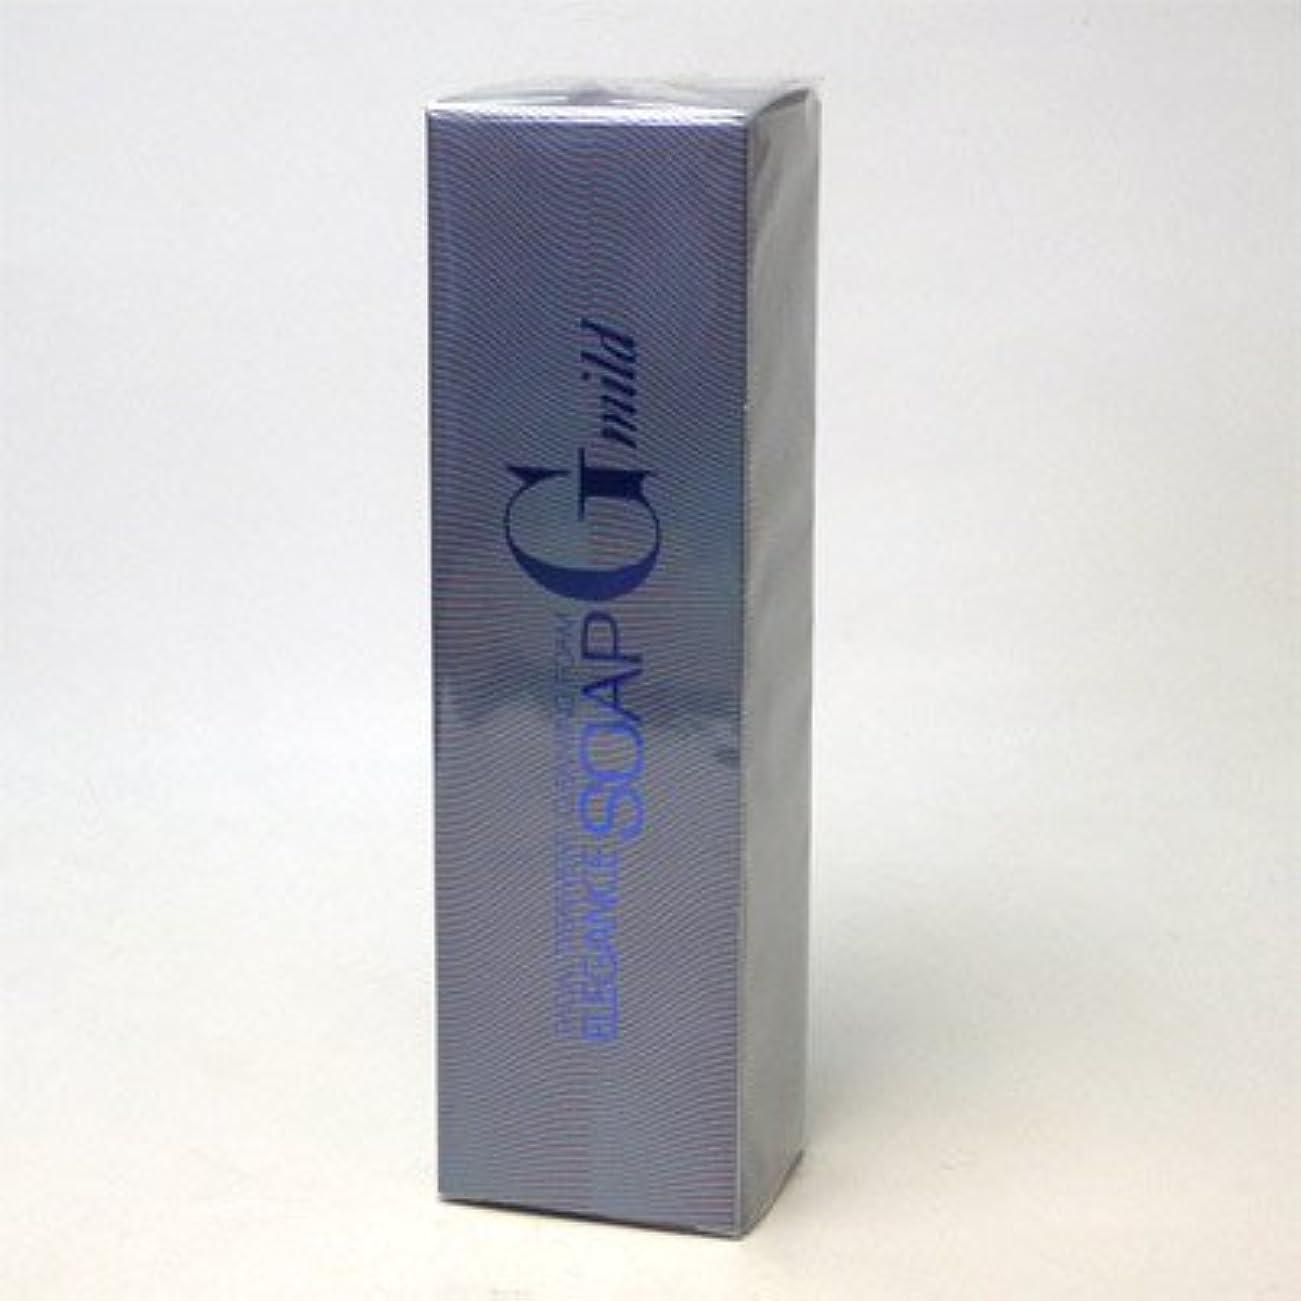 覚えているコート解放するジュポン化粧品 エレガンスソープ Gマイルド 120g